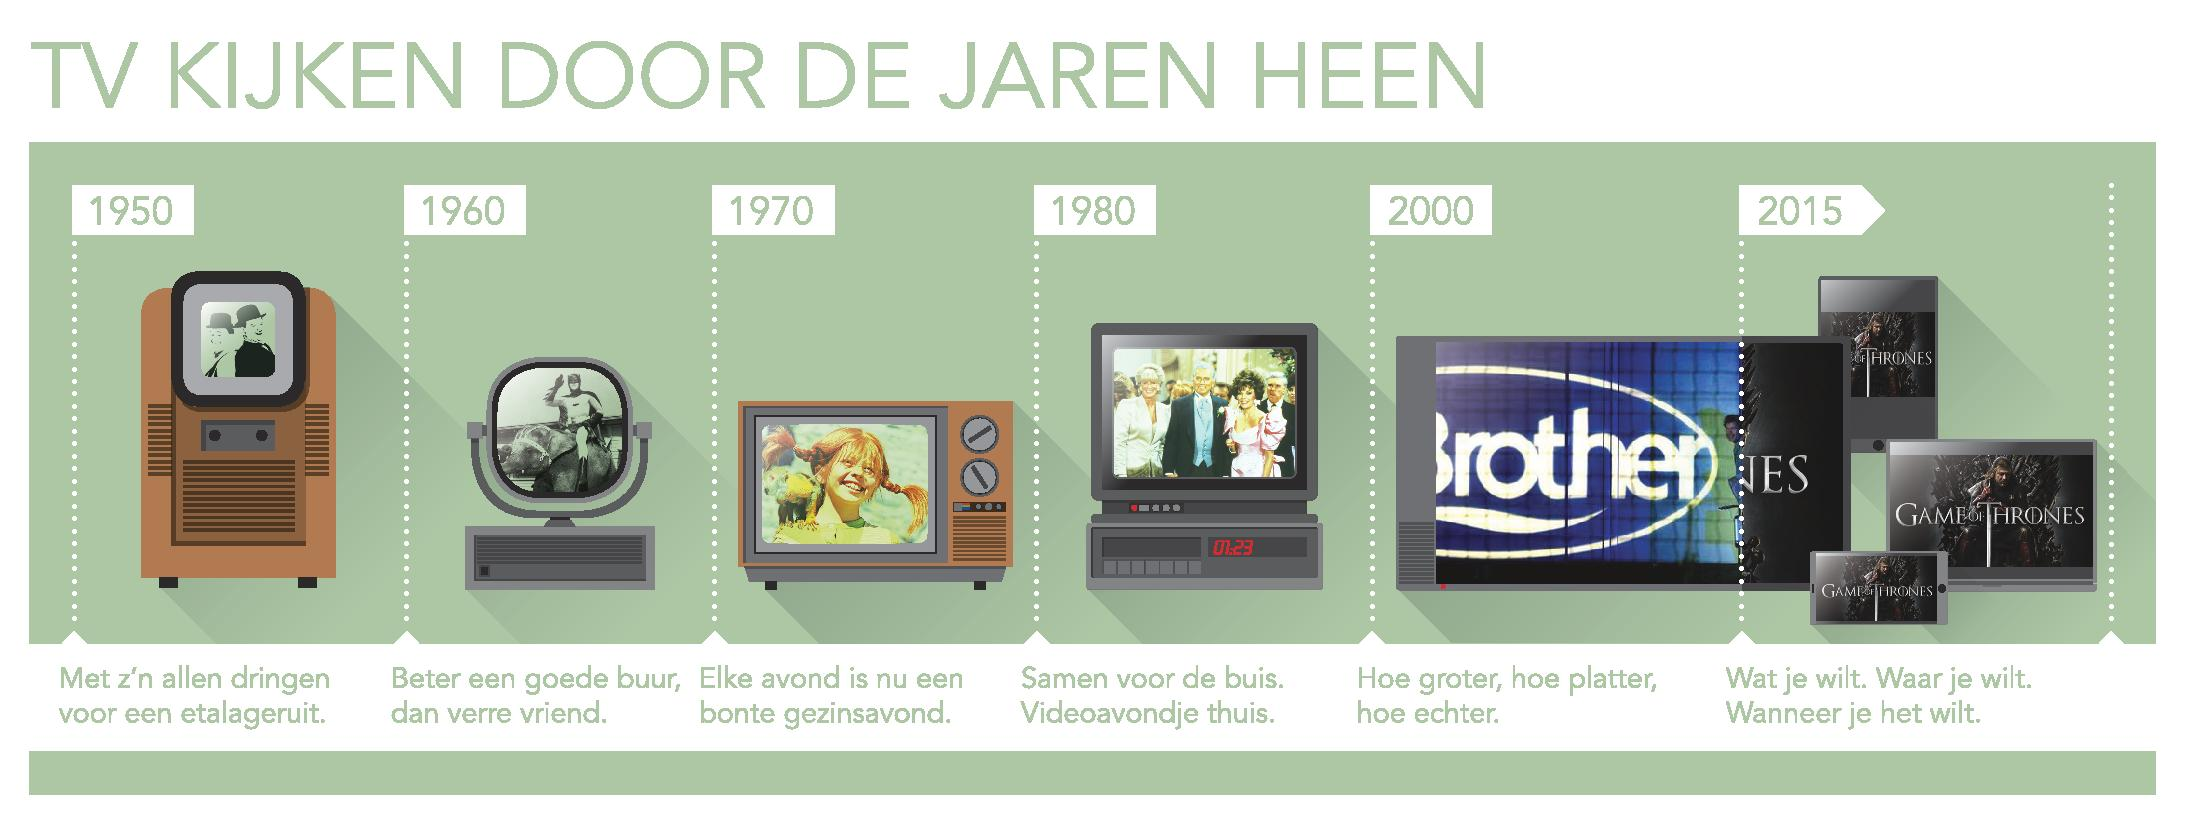 Tv kijken door de jaren heen broadband tv nieuws for Van de tv